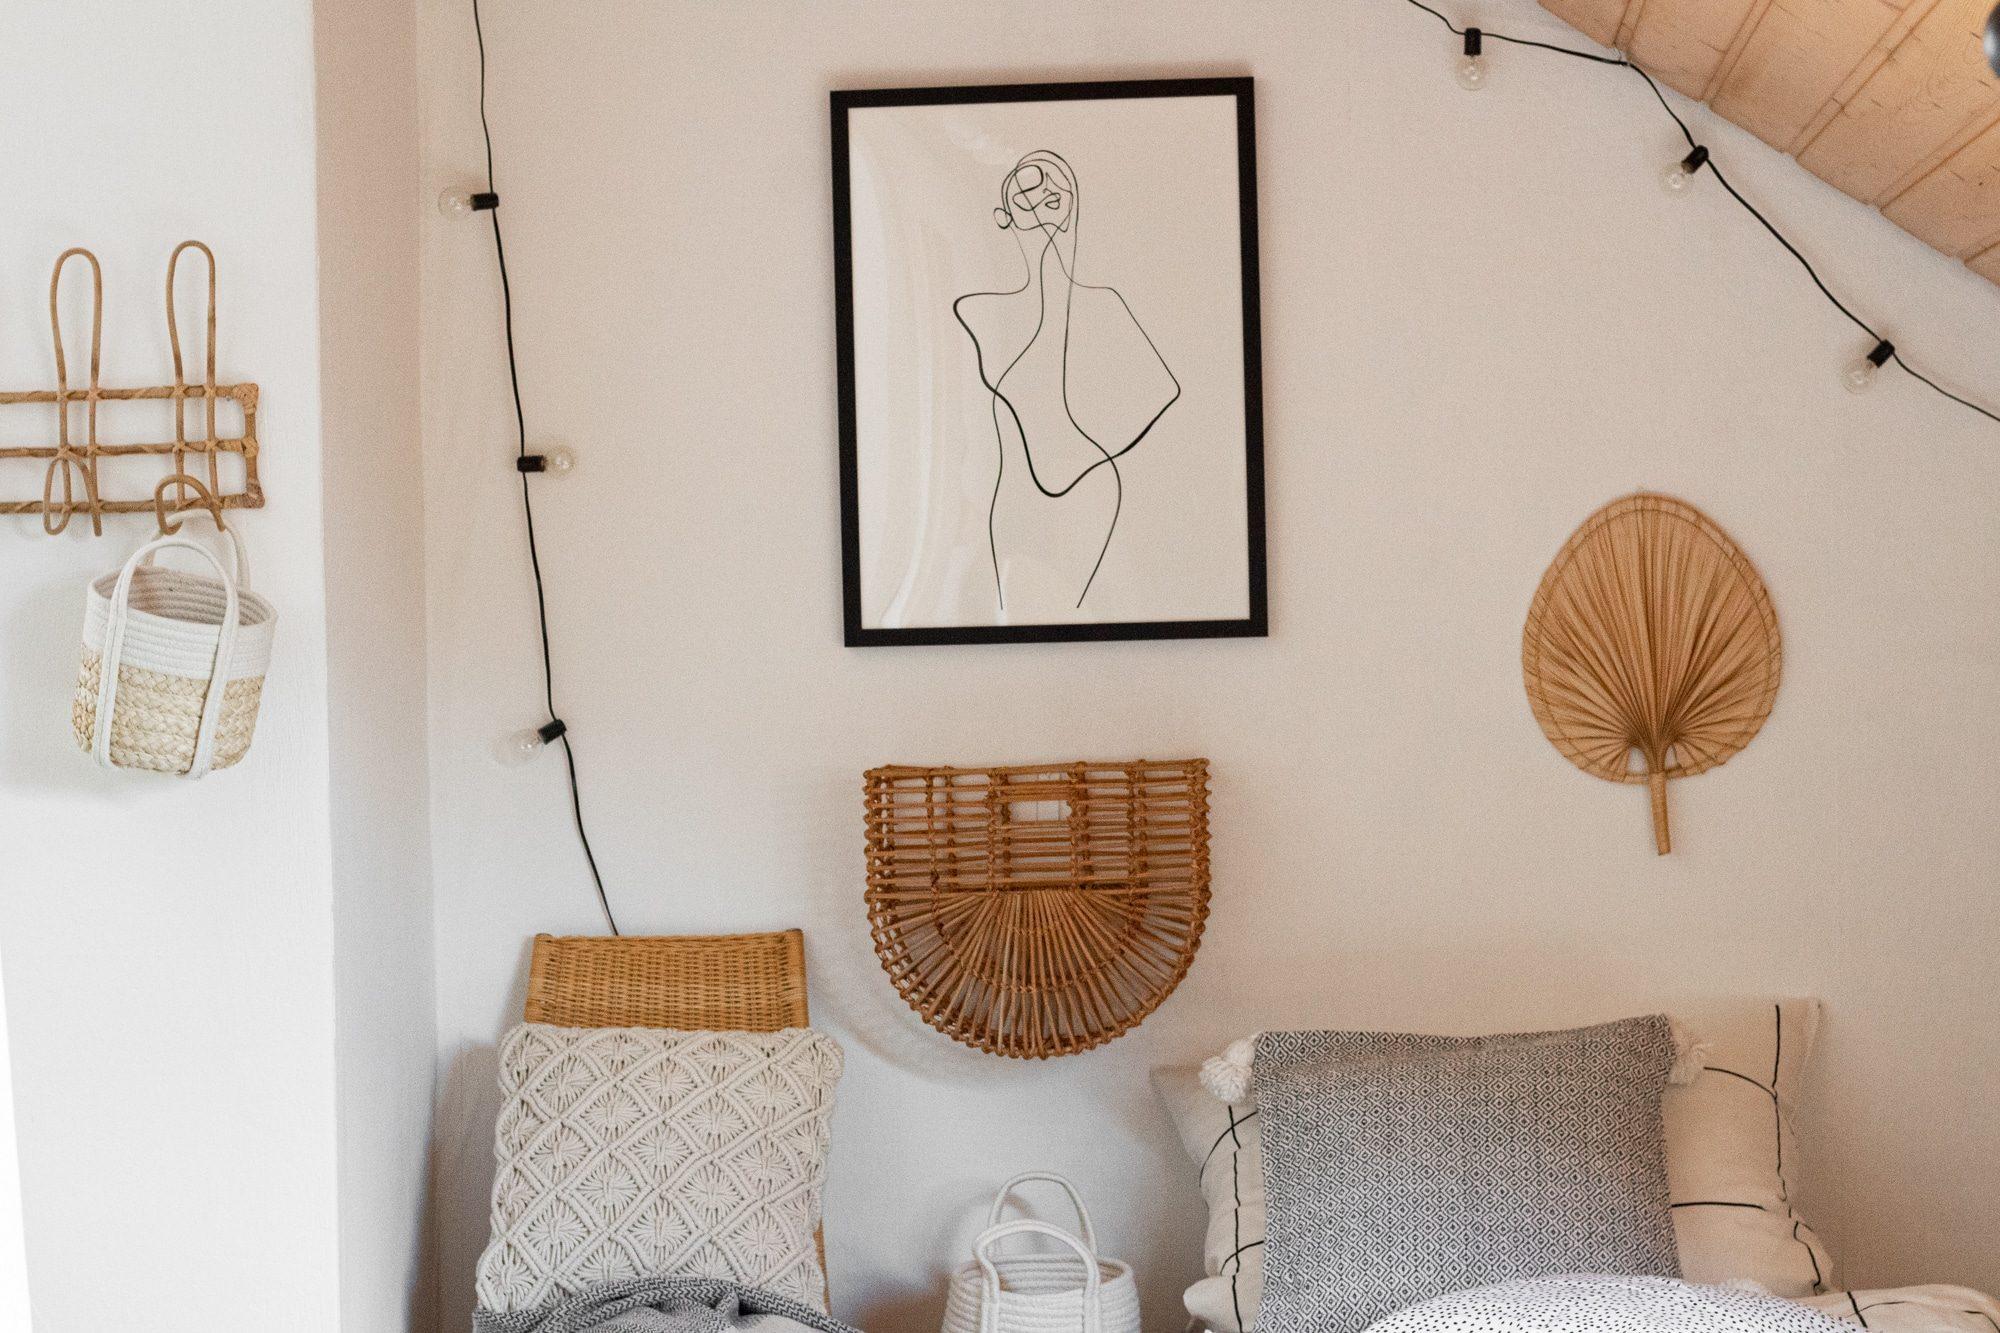 Wandkörbe und Palmblätter als Wanddeko-1